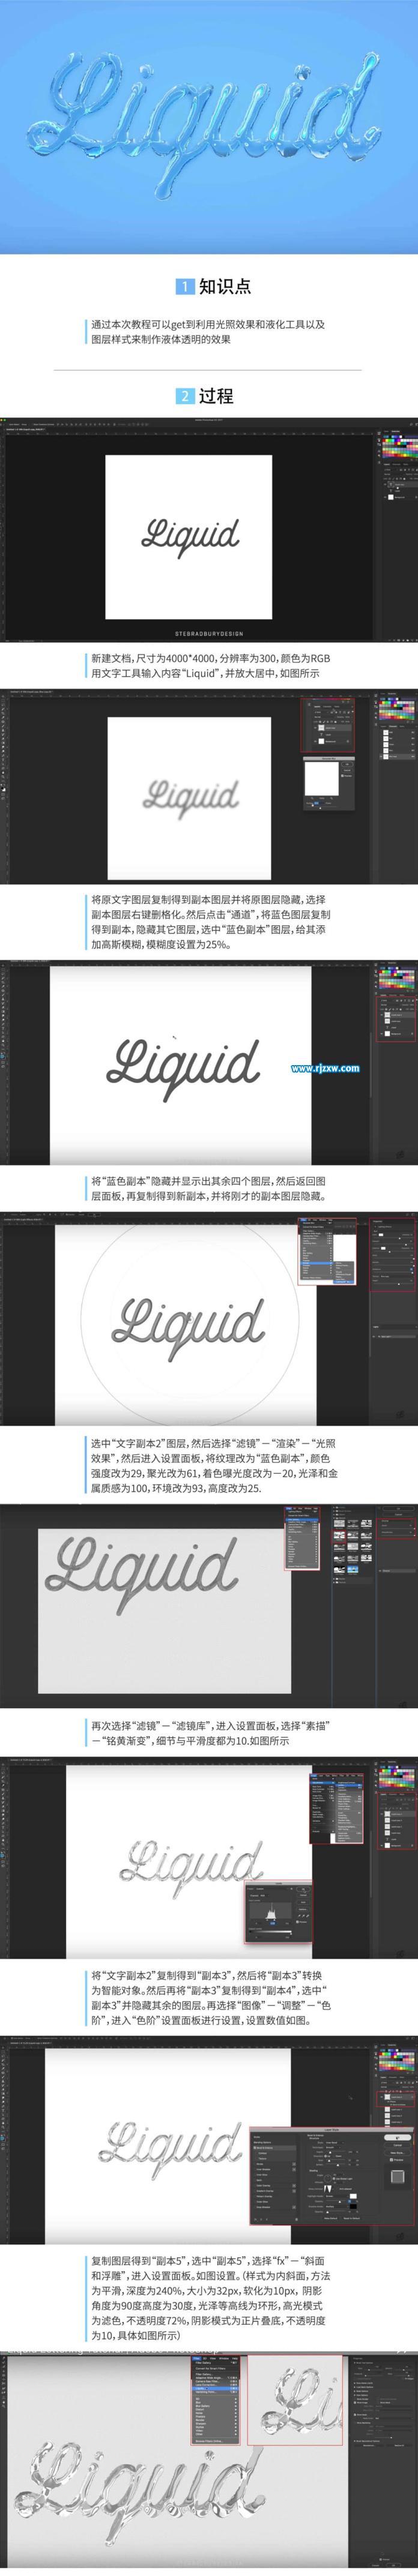 绘制流水质感的立体字_软件自学网